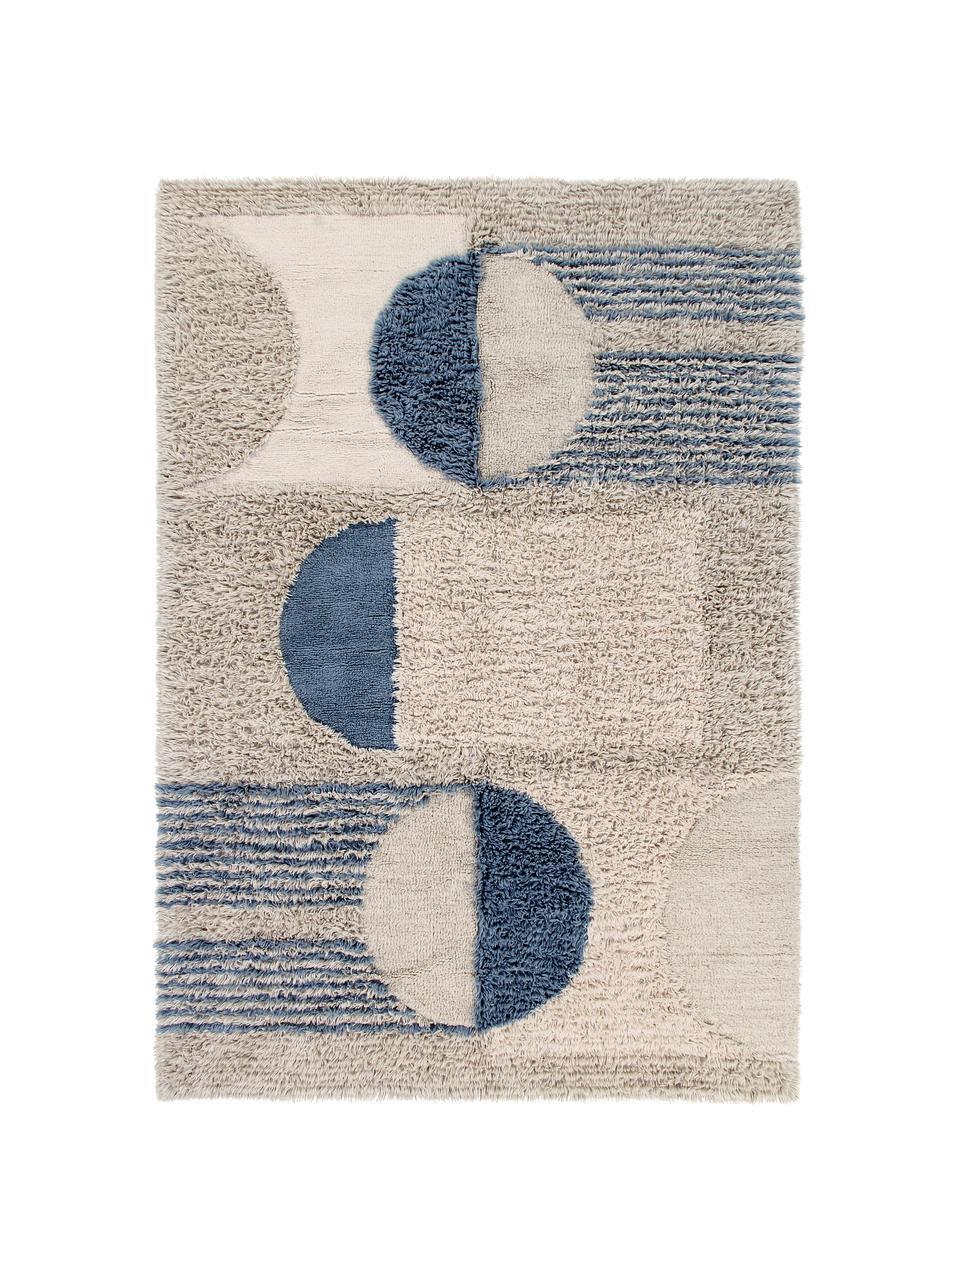 Tappeto in lana lavabile con motivo geometrico Woolable Sunray, Retro: cotone riciclato Nel caso, Beige, color sabbia, marrone, blu scuro, Larg. 170 x Lung. 240 cm (taglia M)